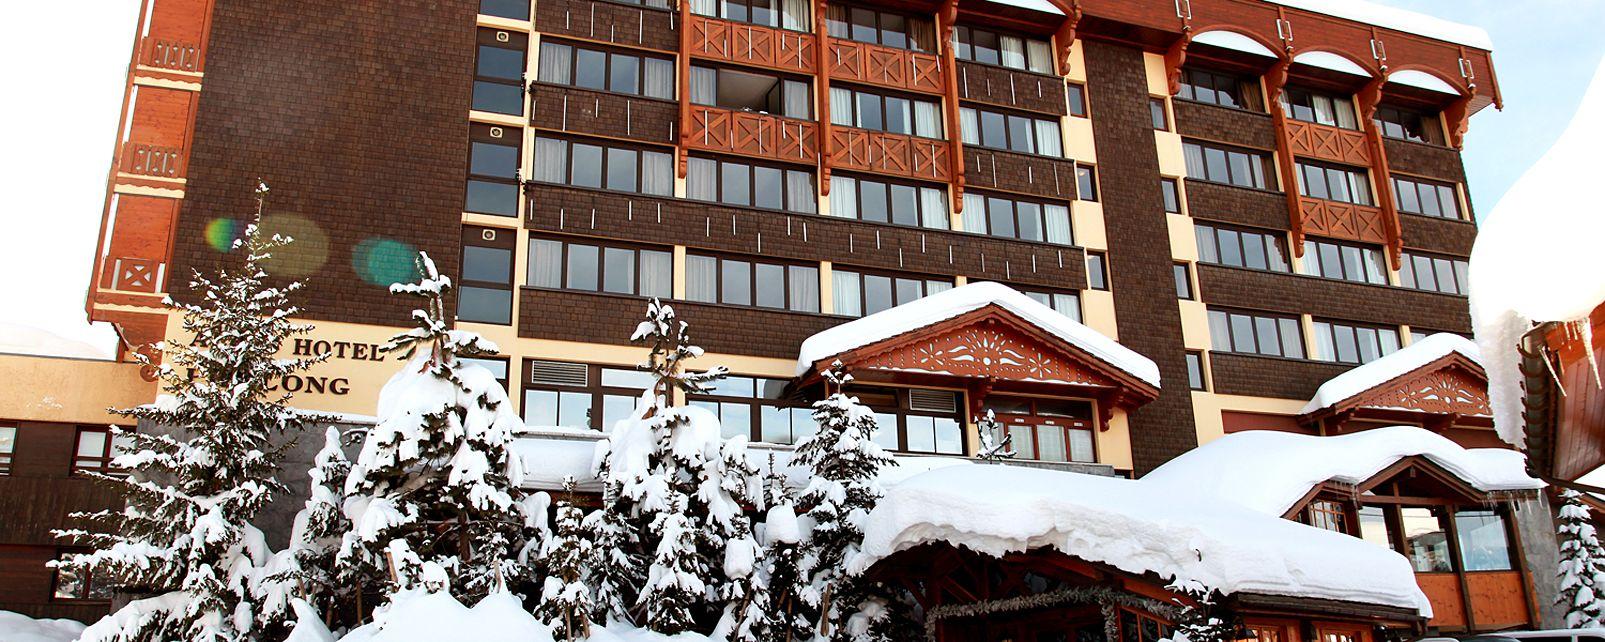 Hôtel Le Pralong